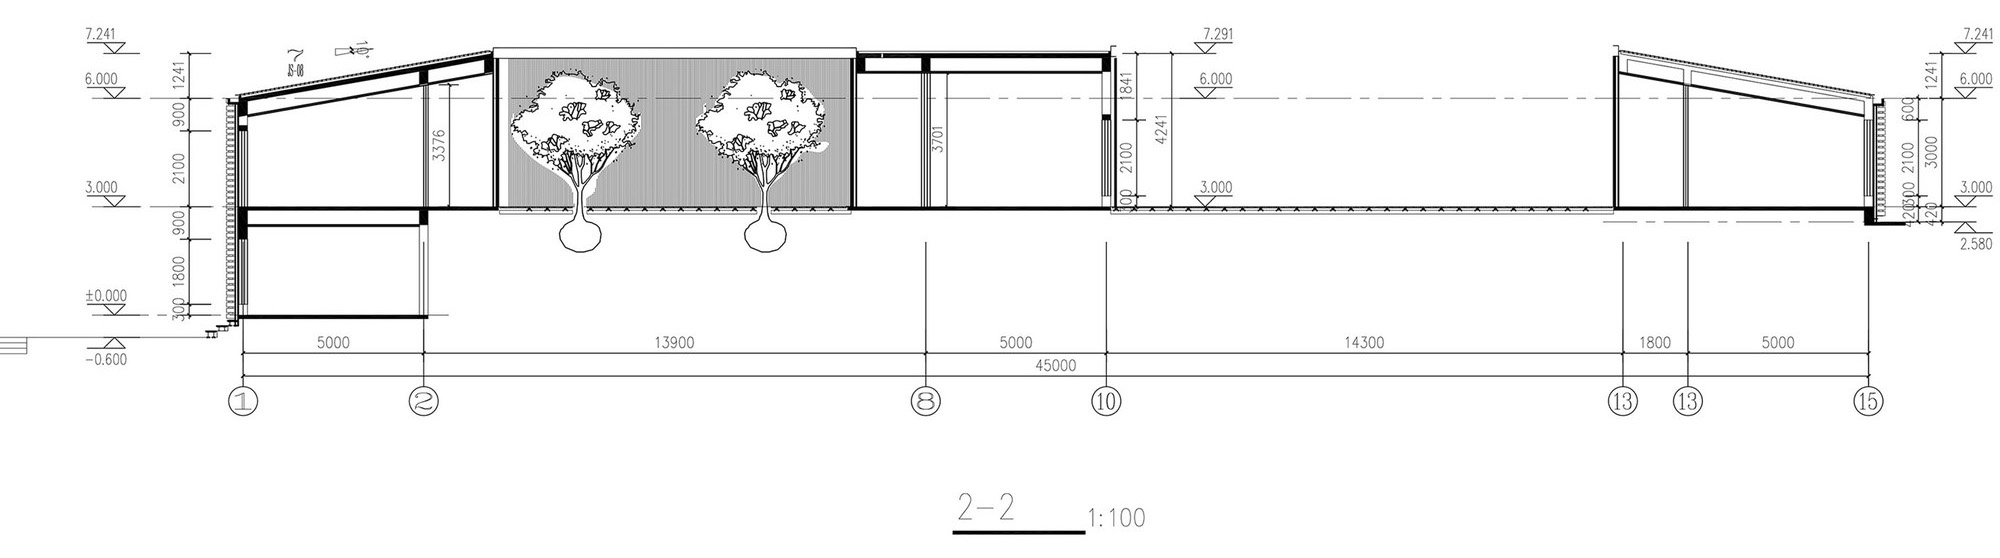 首层平面图 二层平面图 项目信息 建筑设计事务所:李晓东工作室 基地